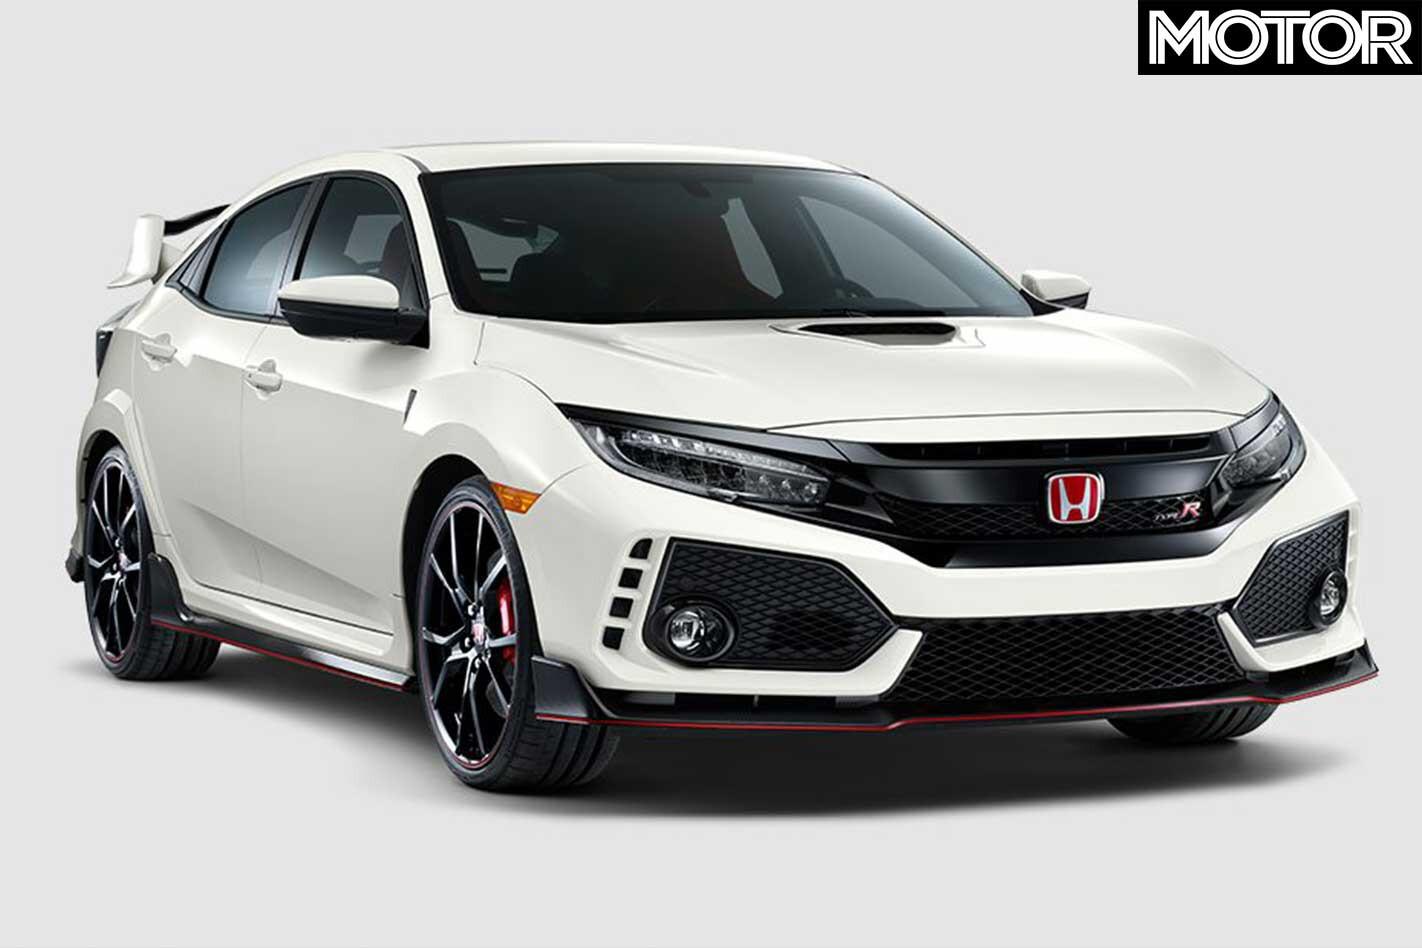 2019 Honda Civic Type R Jpg